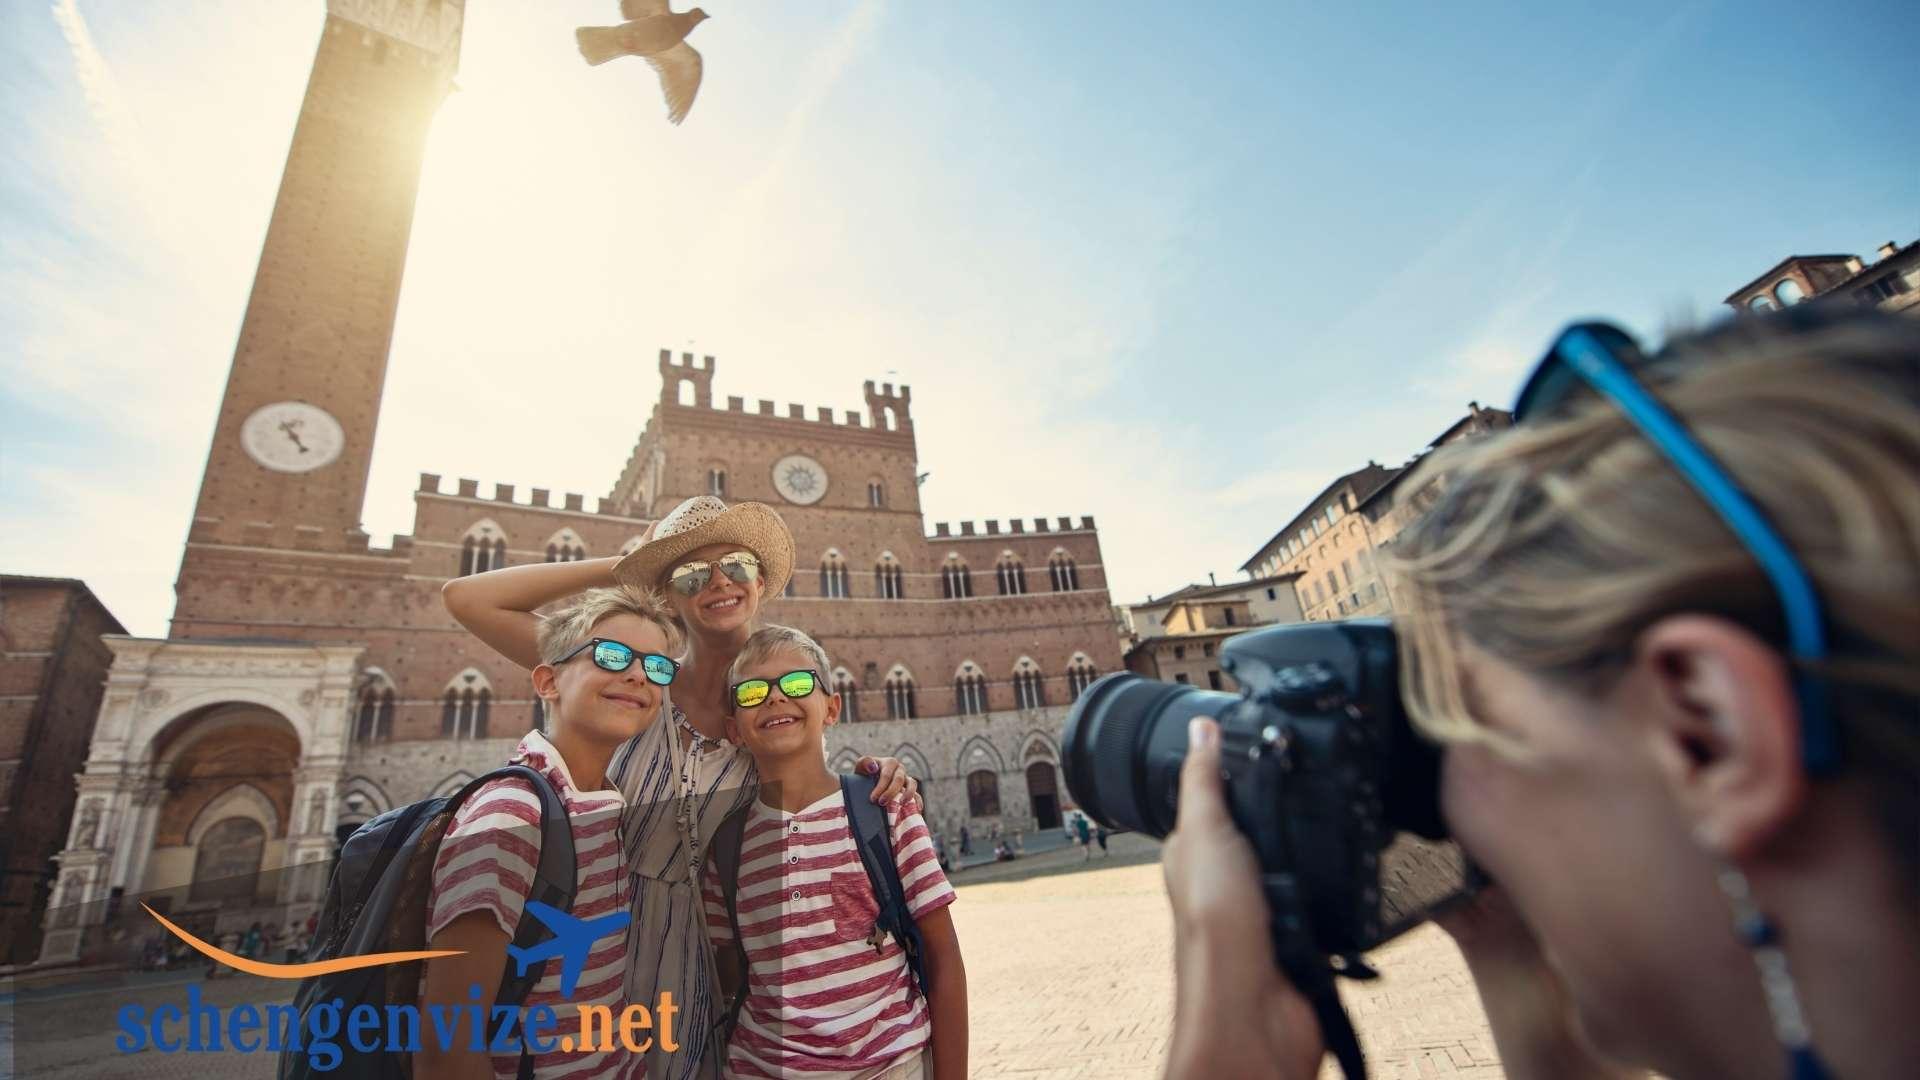 İtalya Aile Ziyareti İçin Yapılacak Olan Vize Başvuruları